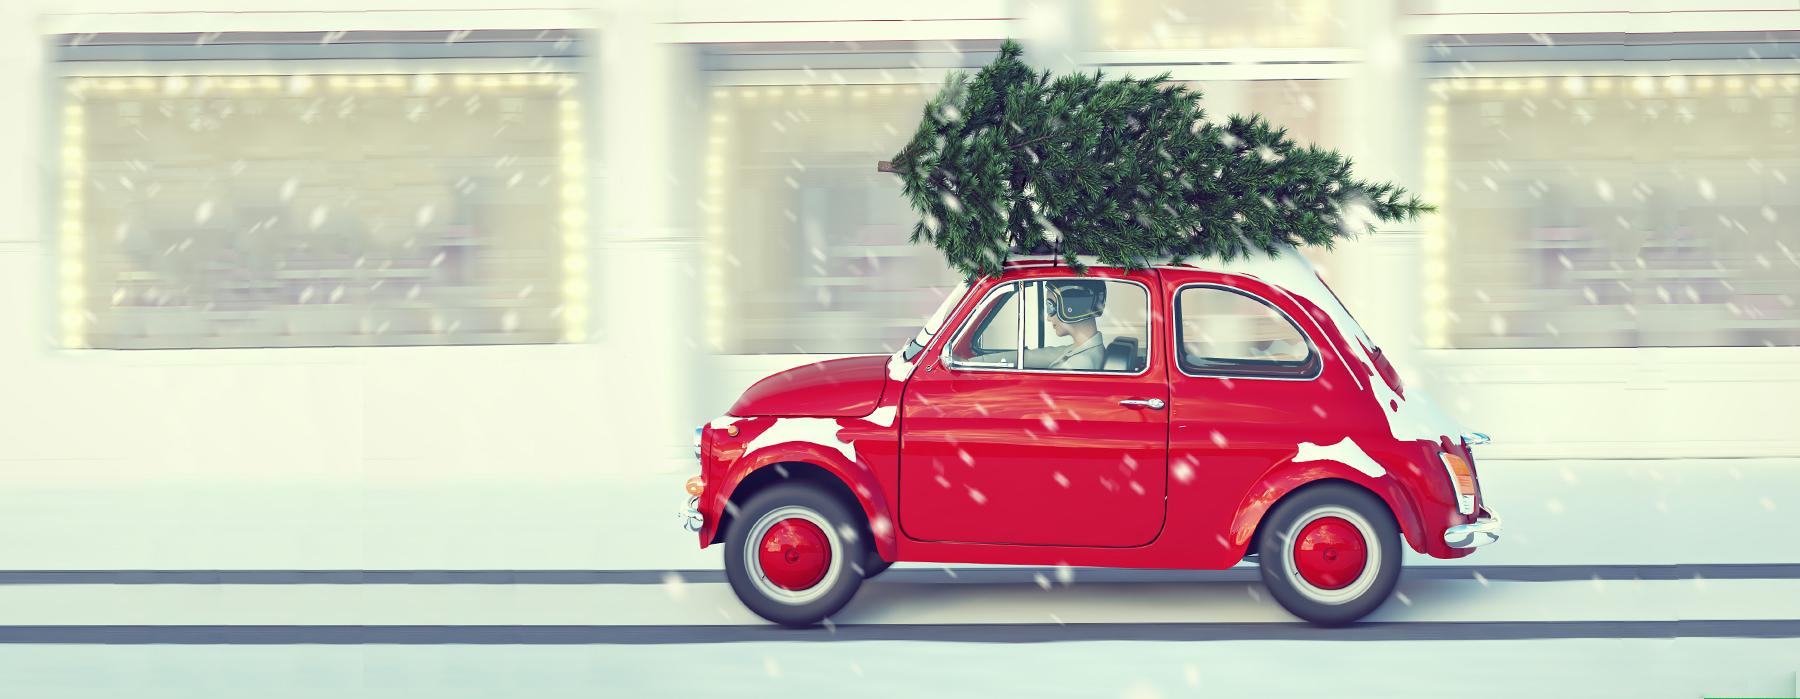 Weihnachten_Fröhlich_large-1800x699